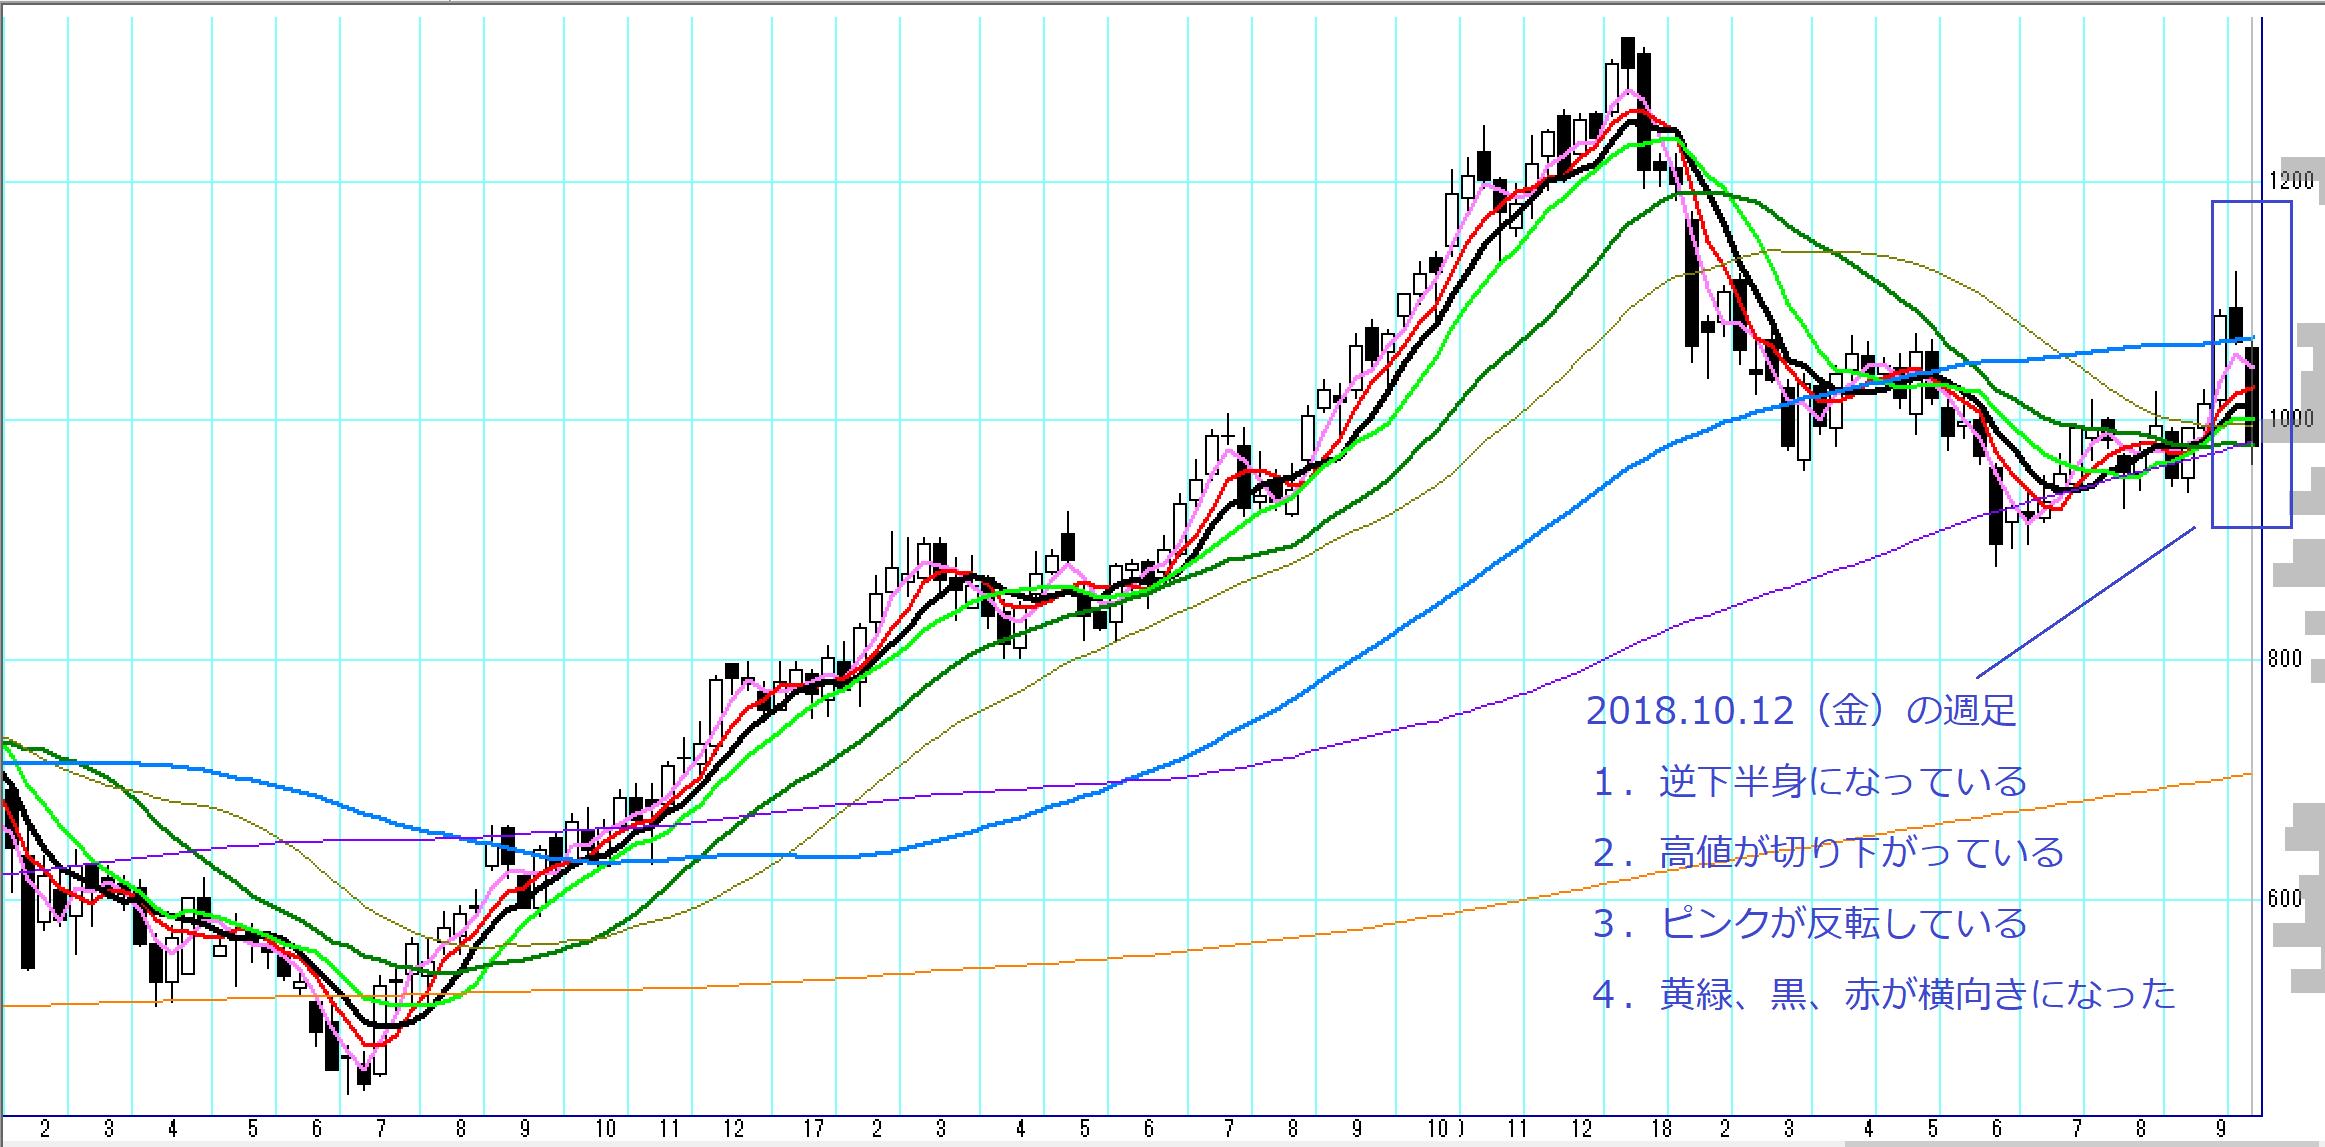 暴落 三菱ケミカル 株価 三菱ケミカルの株価は安すぎると思う